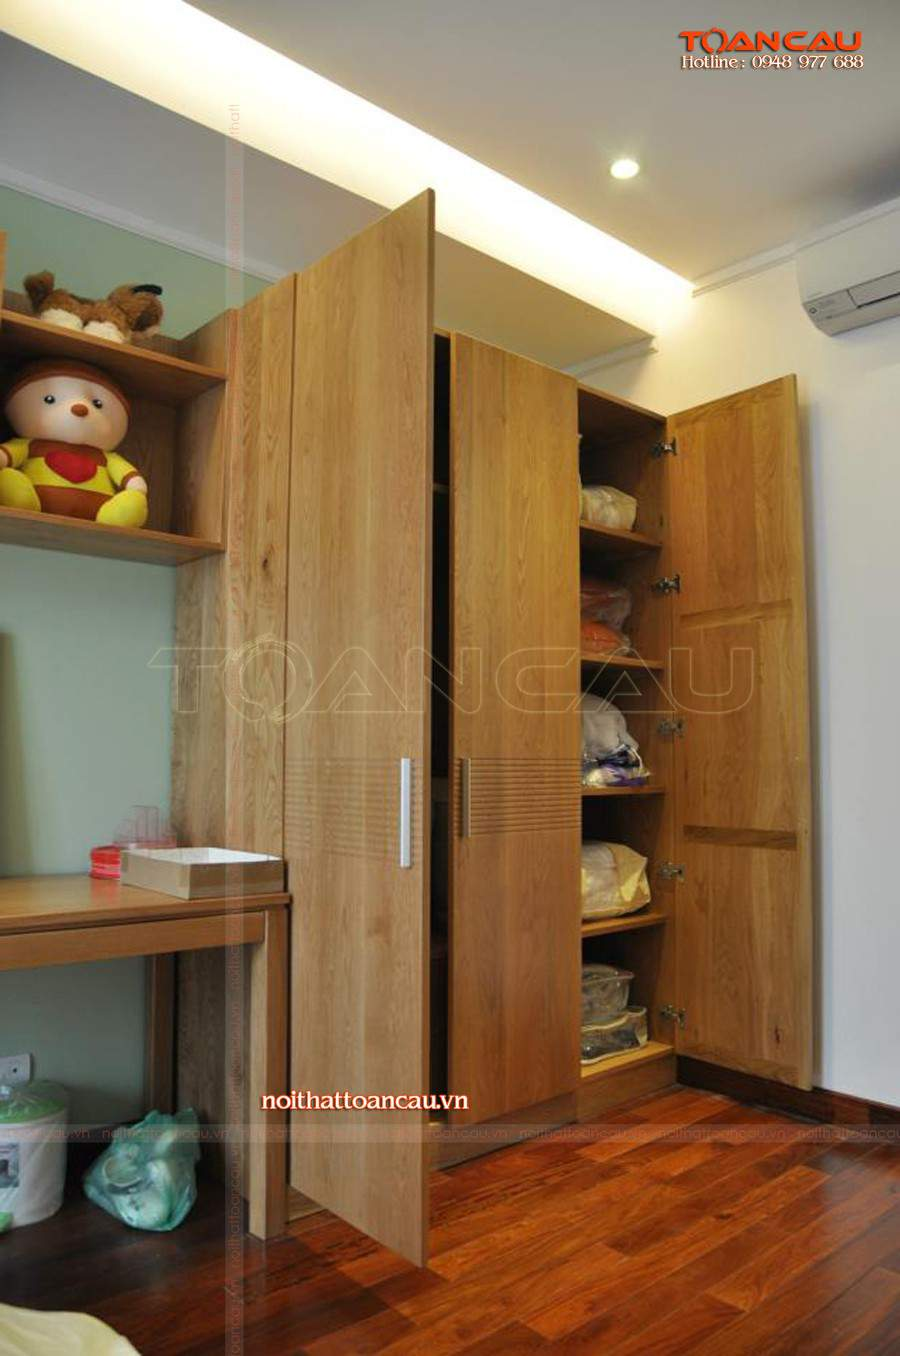 Nội thất phòng ngủ thiết kế bằng gỗ Sồi chắc chắn, chất lượng bền nhất, sử dụng được lâu dài.